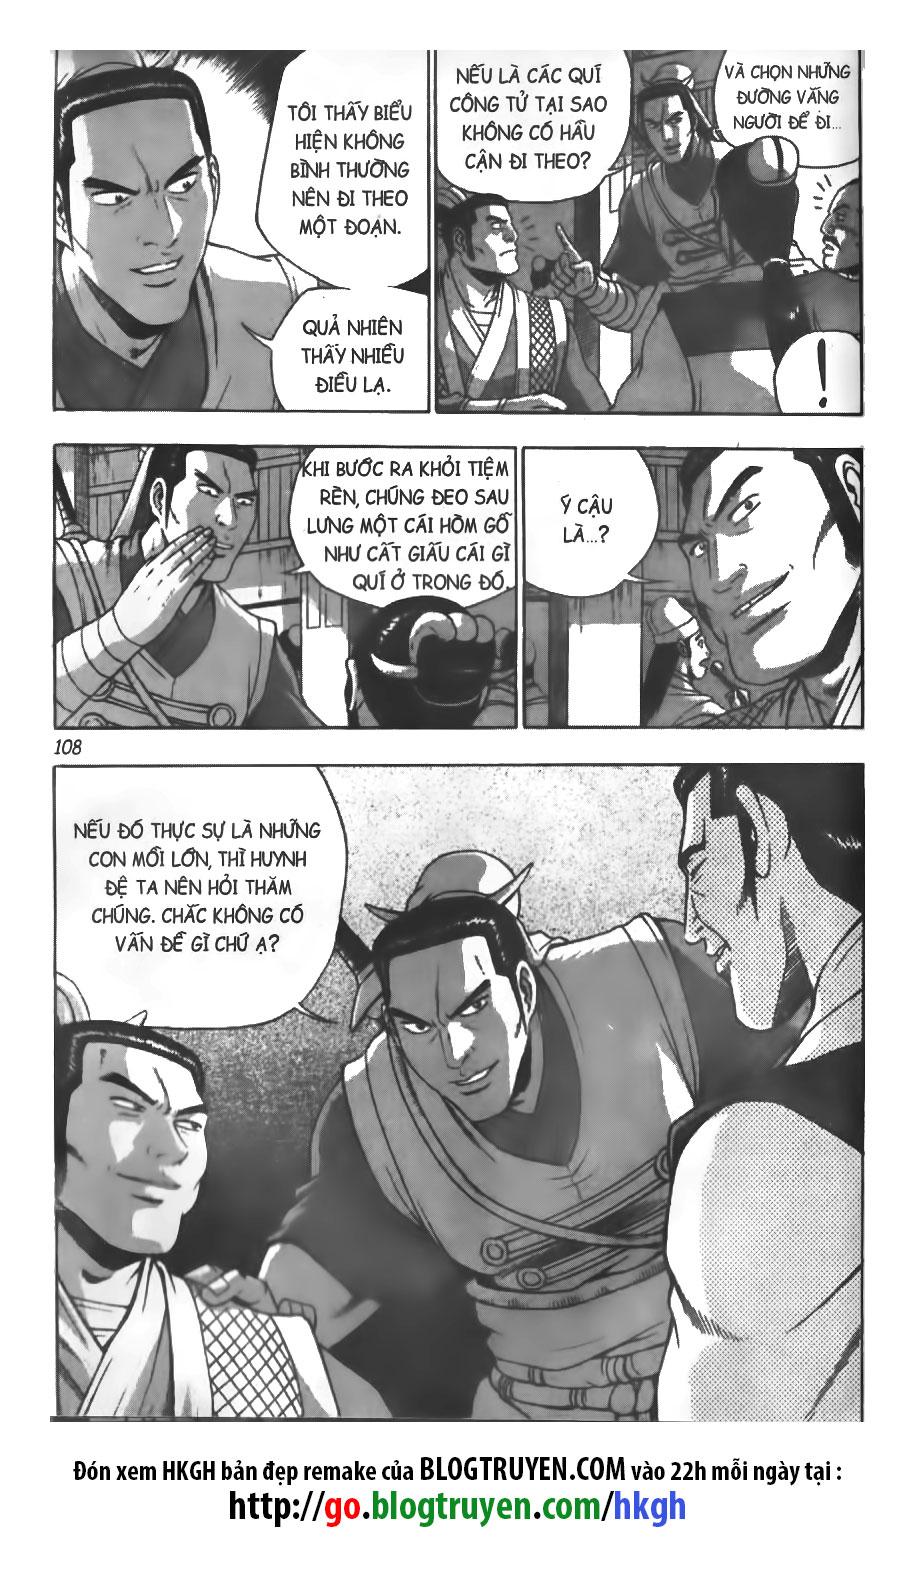 xem truyen moi - Hiệp Khách Giang Hồ Vol39 - Chap 268 - Remake